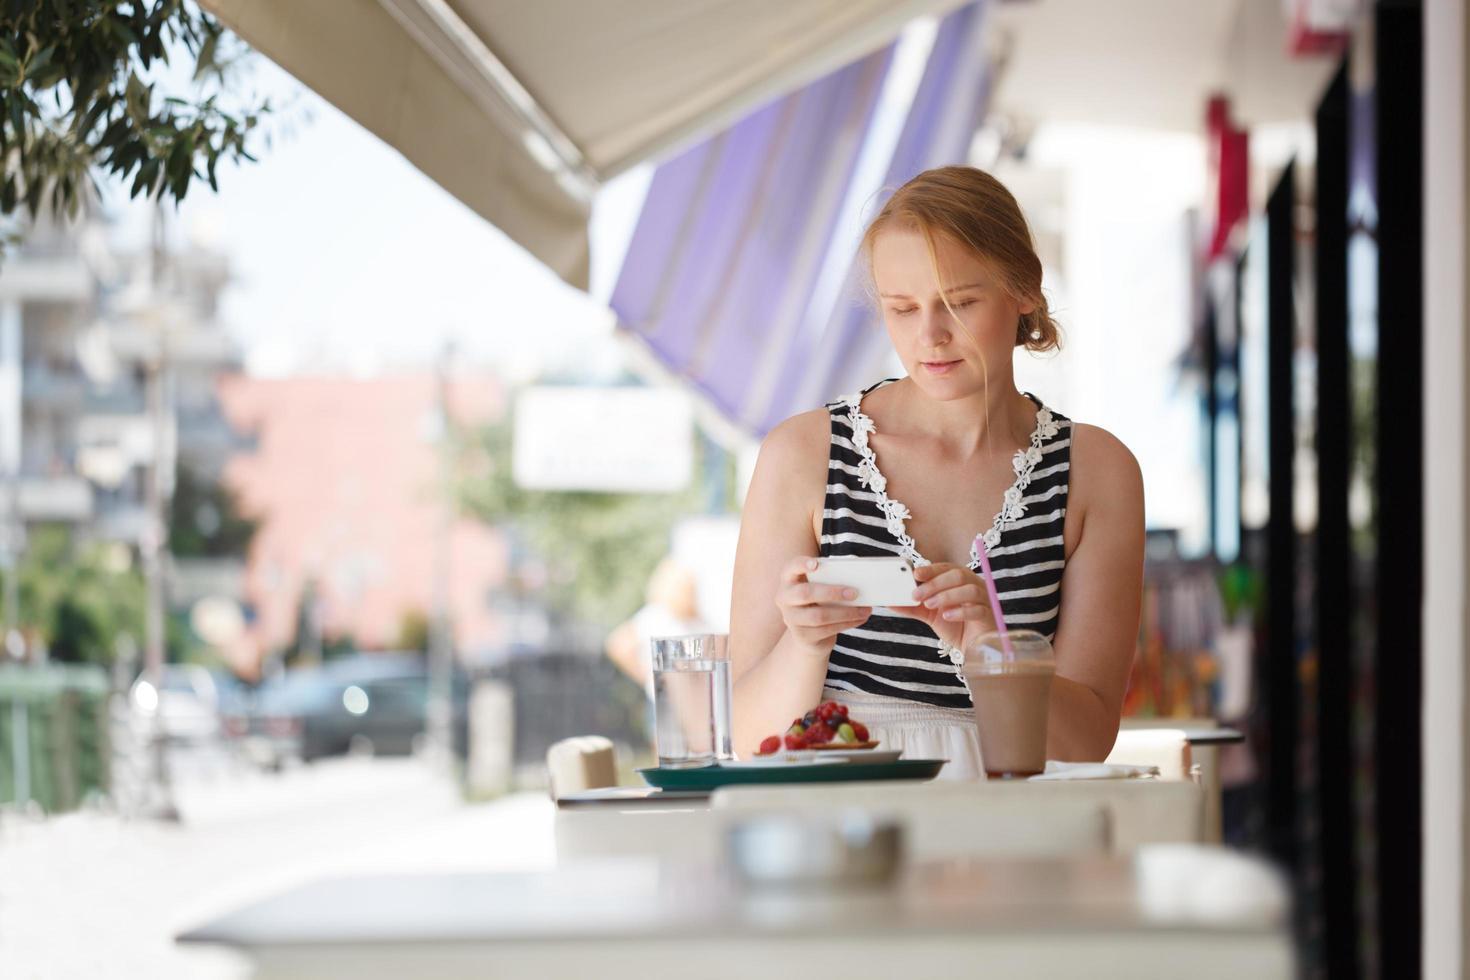 femme sur son téléphone dans un café en plein air photo